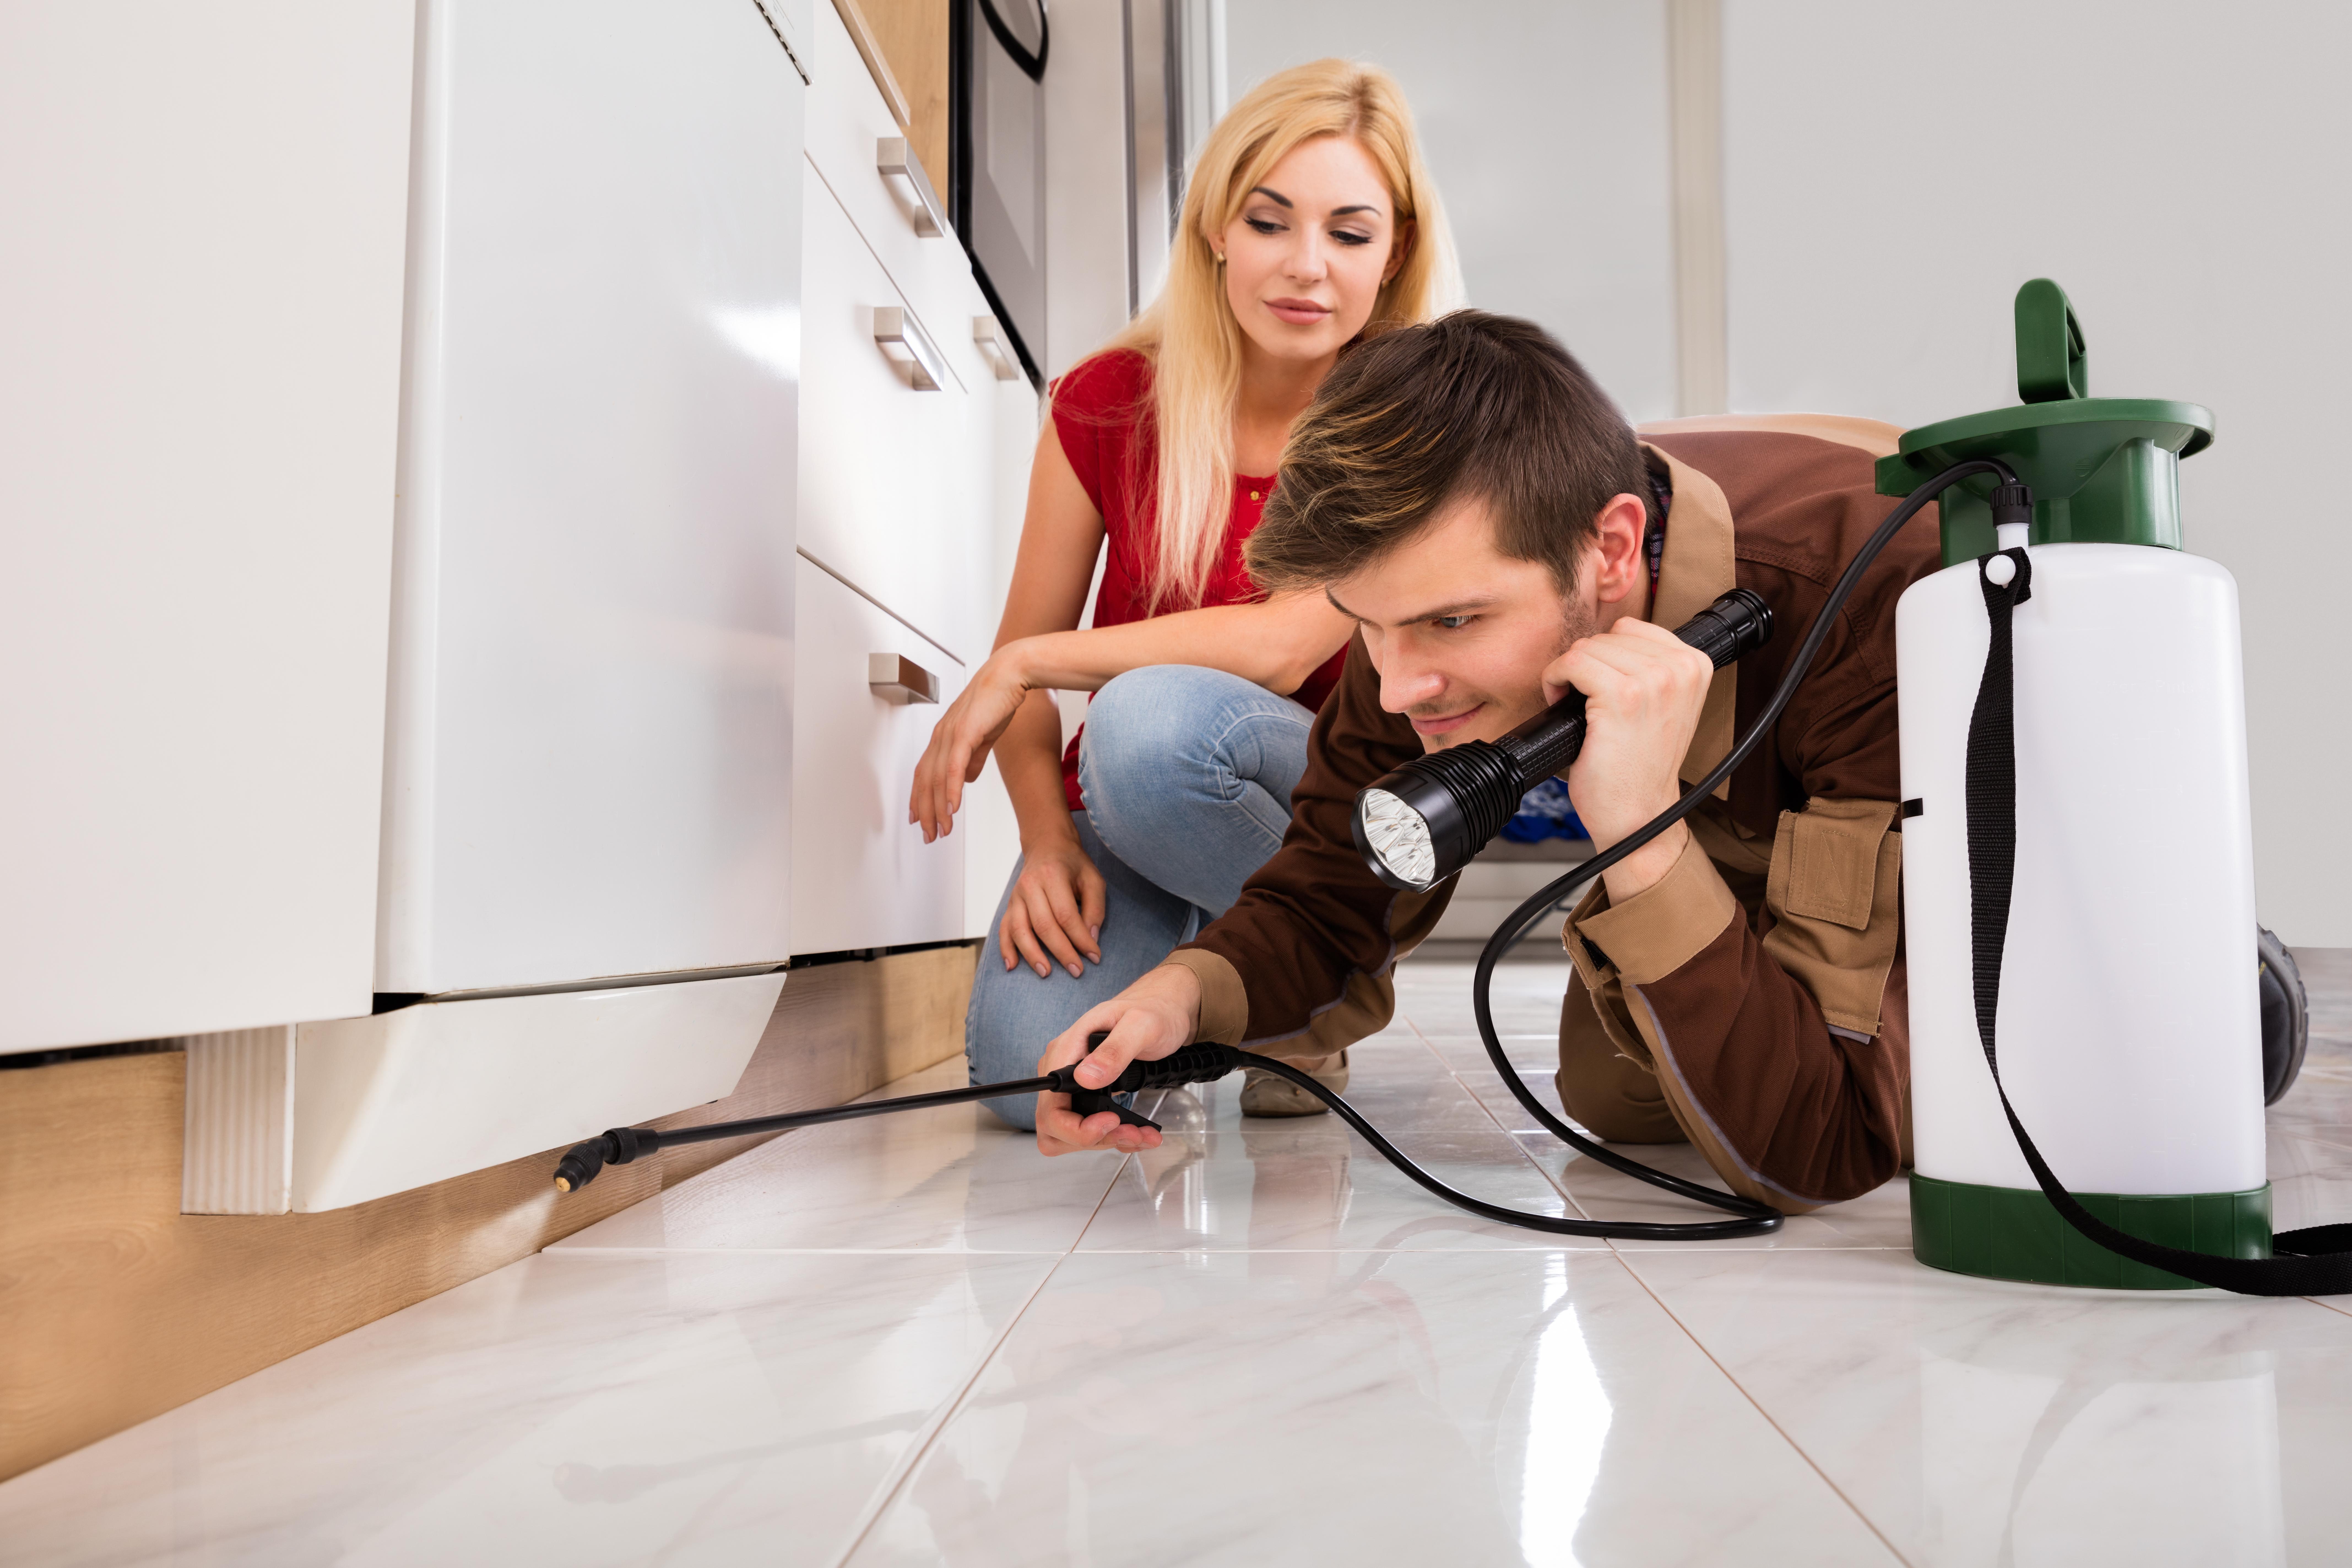 עוברים דירה? למה חשוב לבצע נקיון ורק לאחר מכן הדברה?